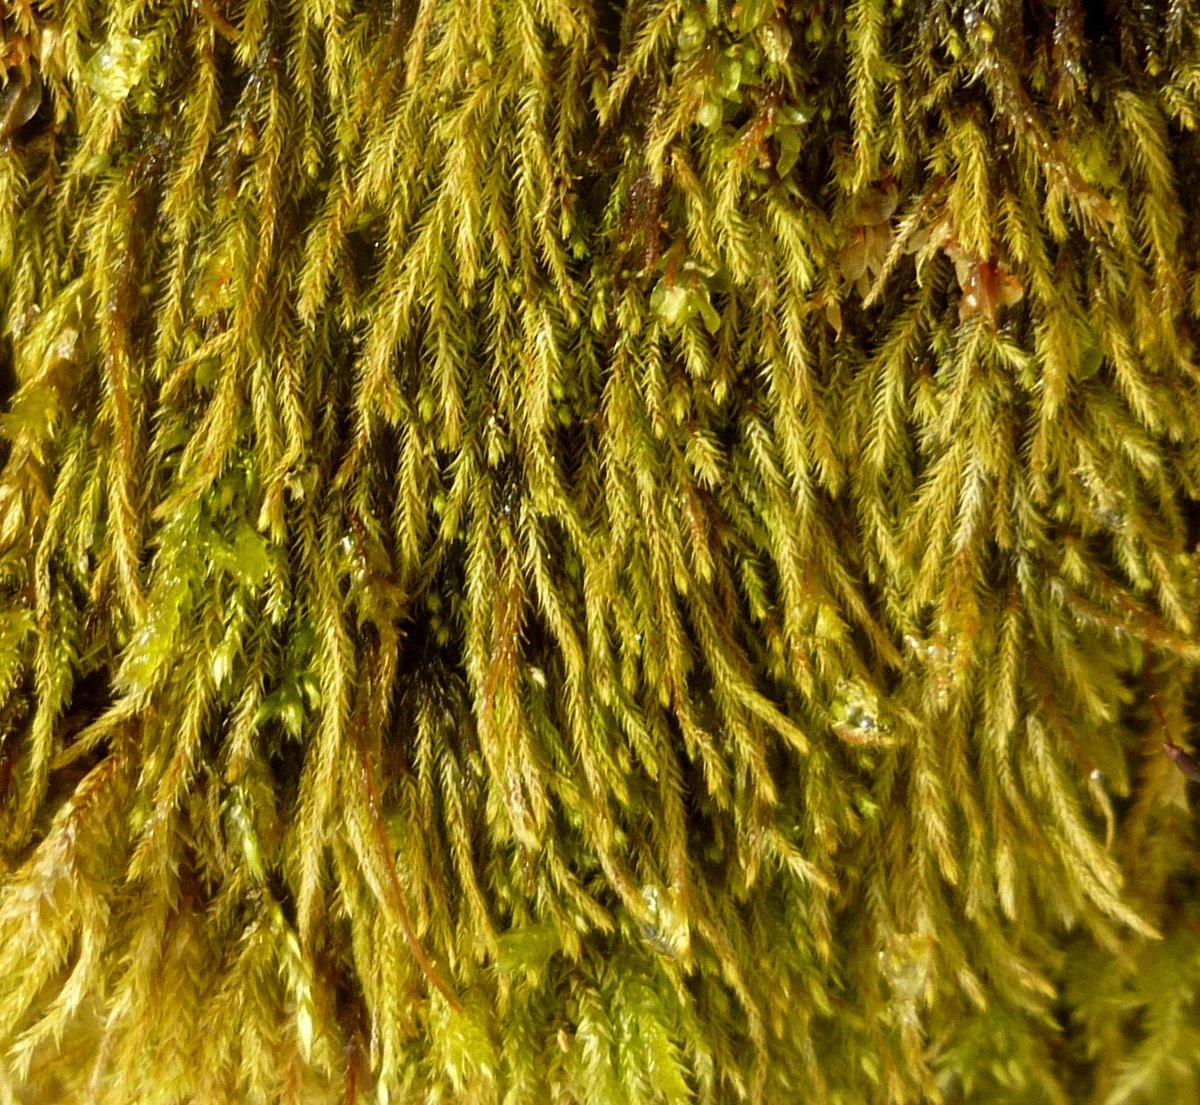 10. Golden Foxtail Moss aka Brachythecium salebrosum